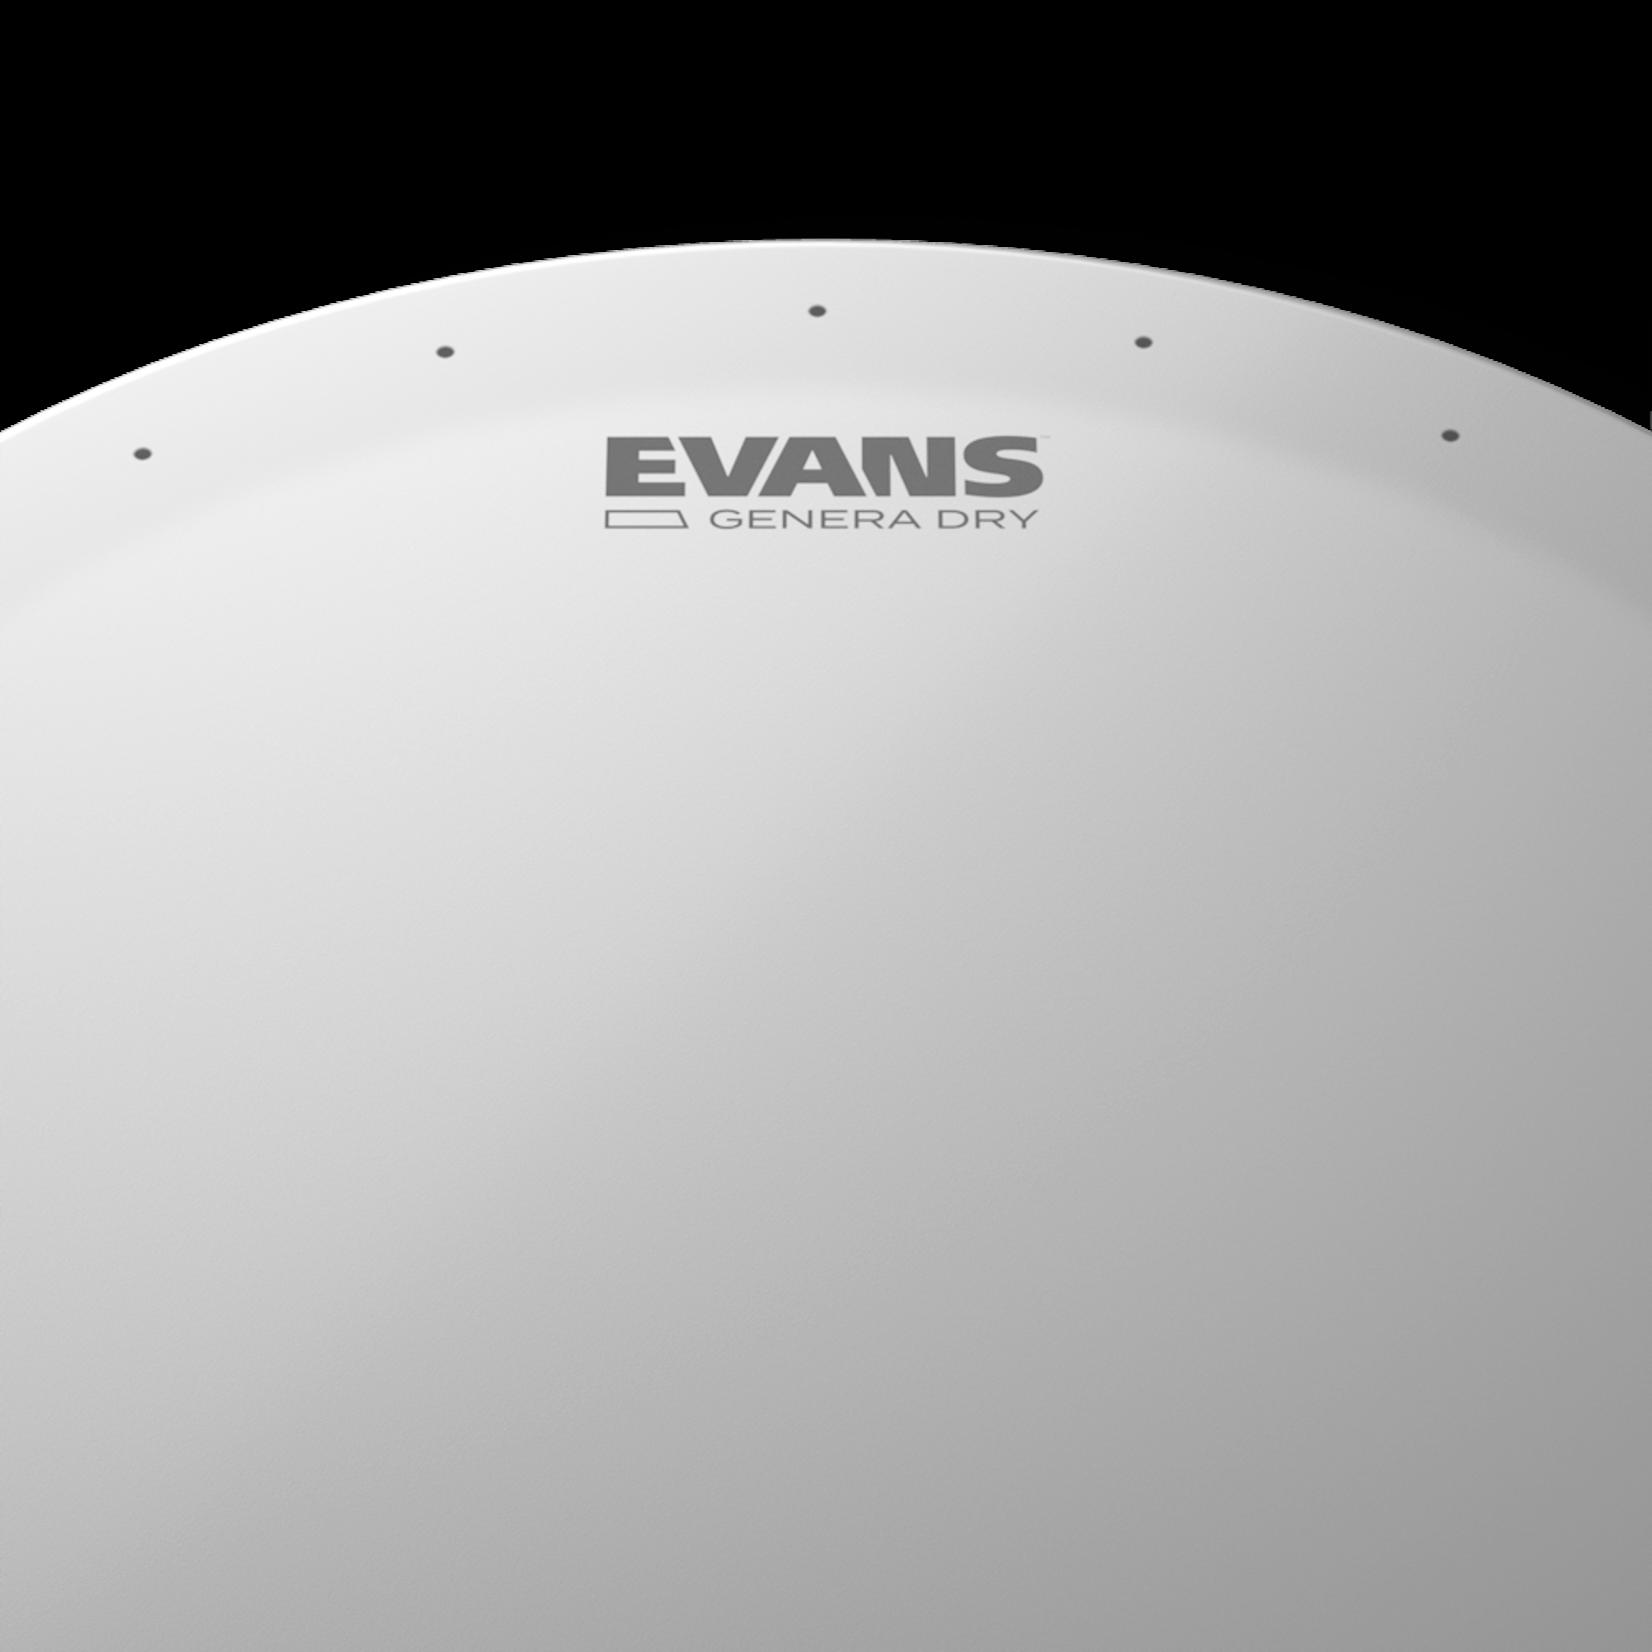 Evans EVANS GENERA DRY COATED